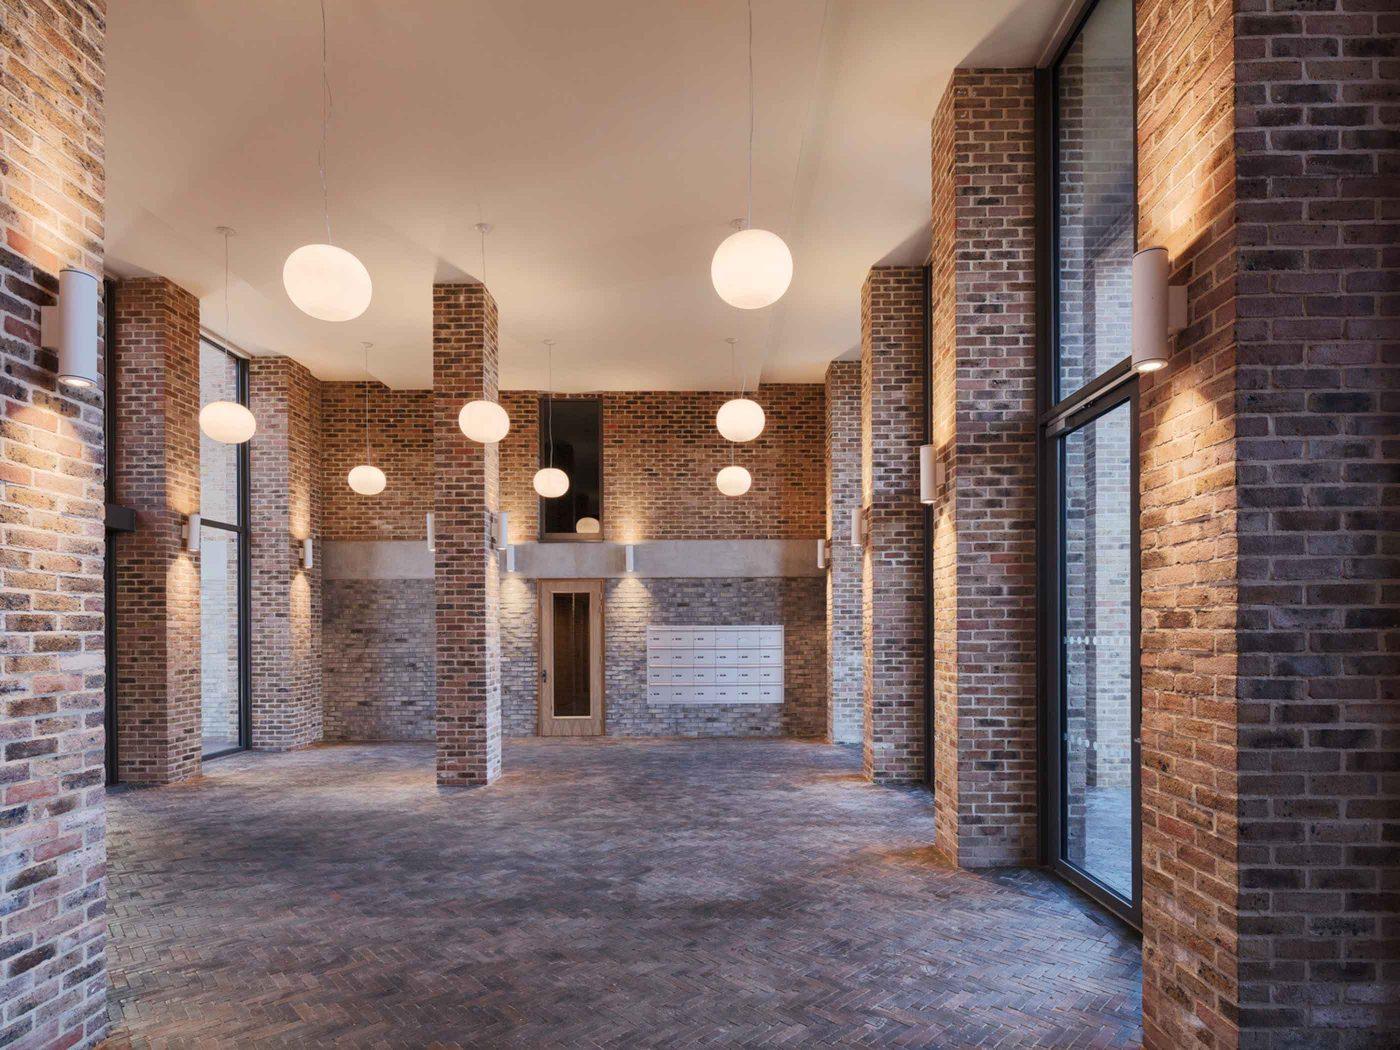 Brentford Lock West Entrance Hall Sfw